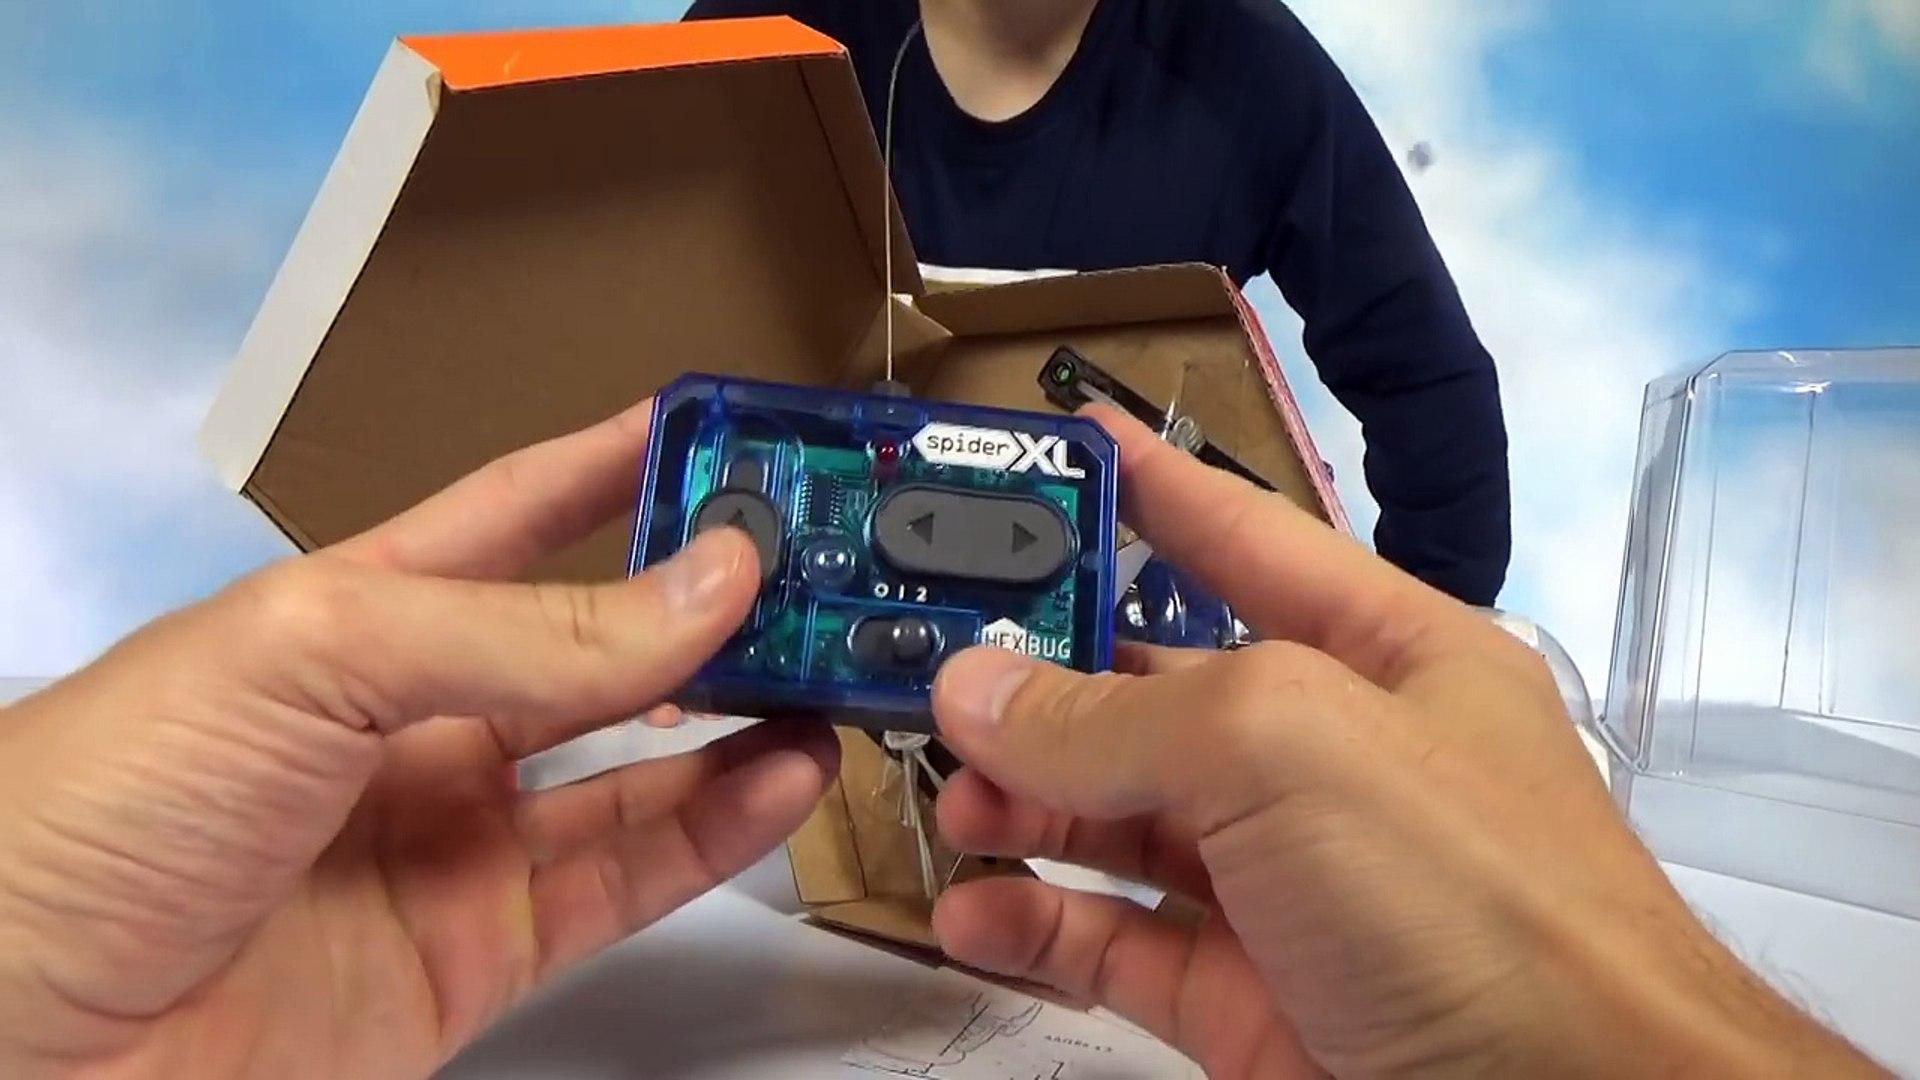 Нано Жуки и Мега паук на радио управлении распаковка играем HexBags and Giant spider Hex Bag XL